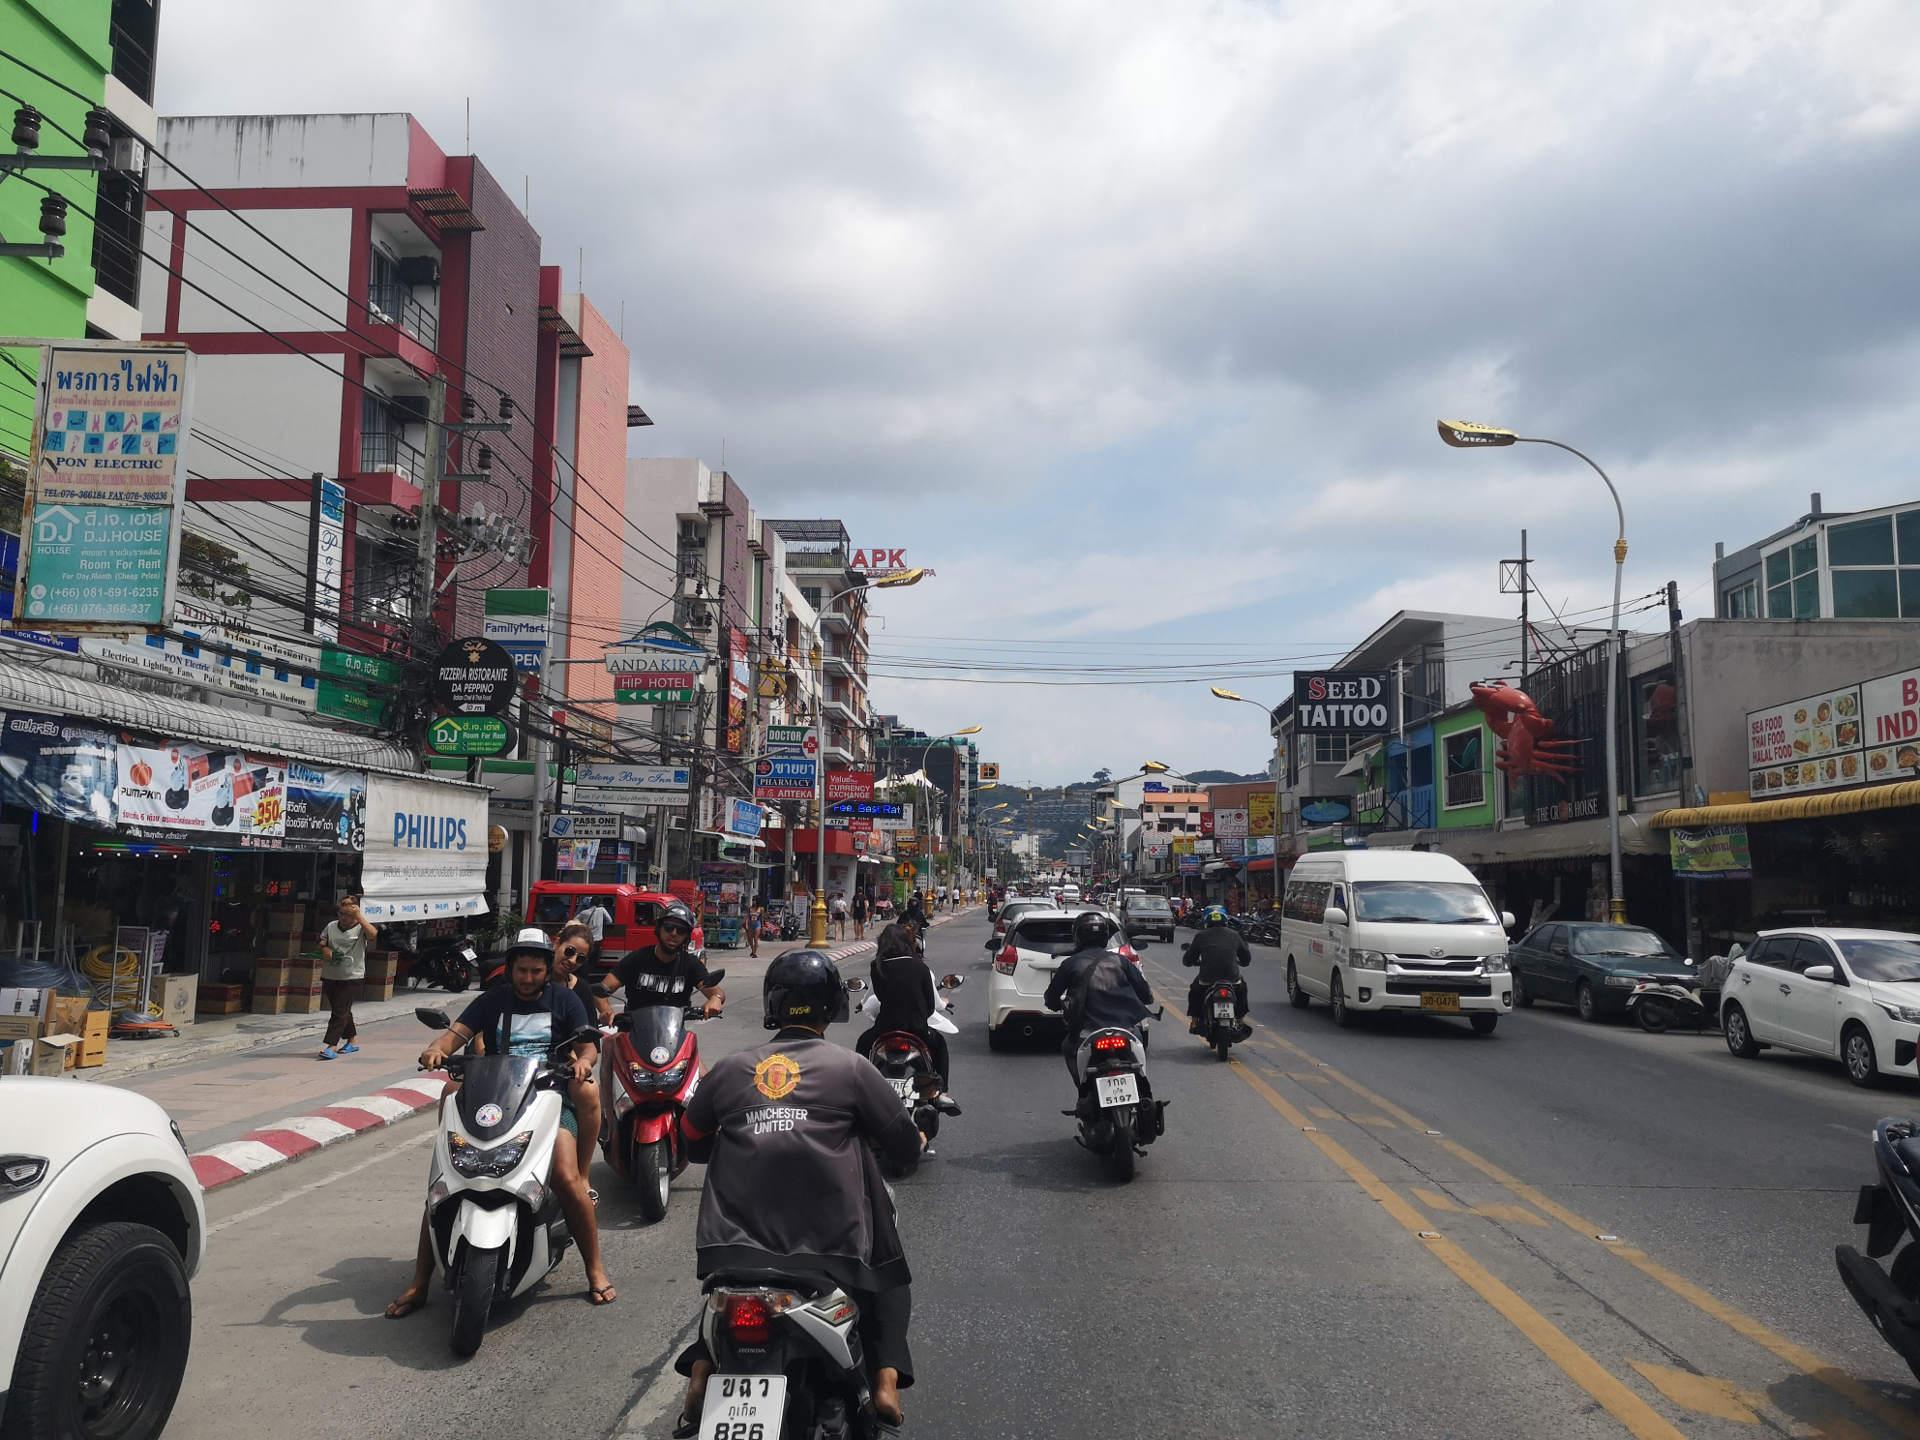 """für Mopeds und Motorräder ist eine Straßenspur aufgeteilt in mehrere parallele """"Mopedspuren"""", hier heißt es vorsichtig fahren. Wanderhunger"""